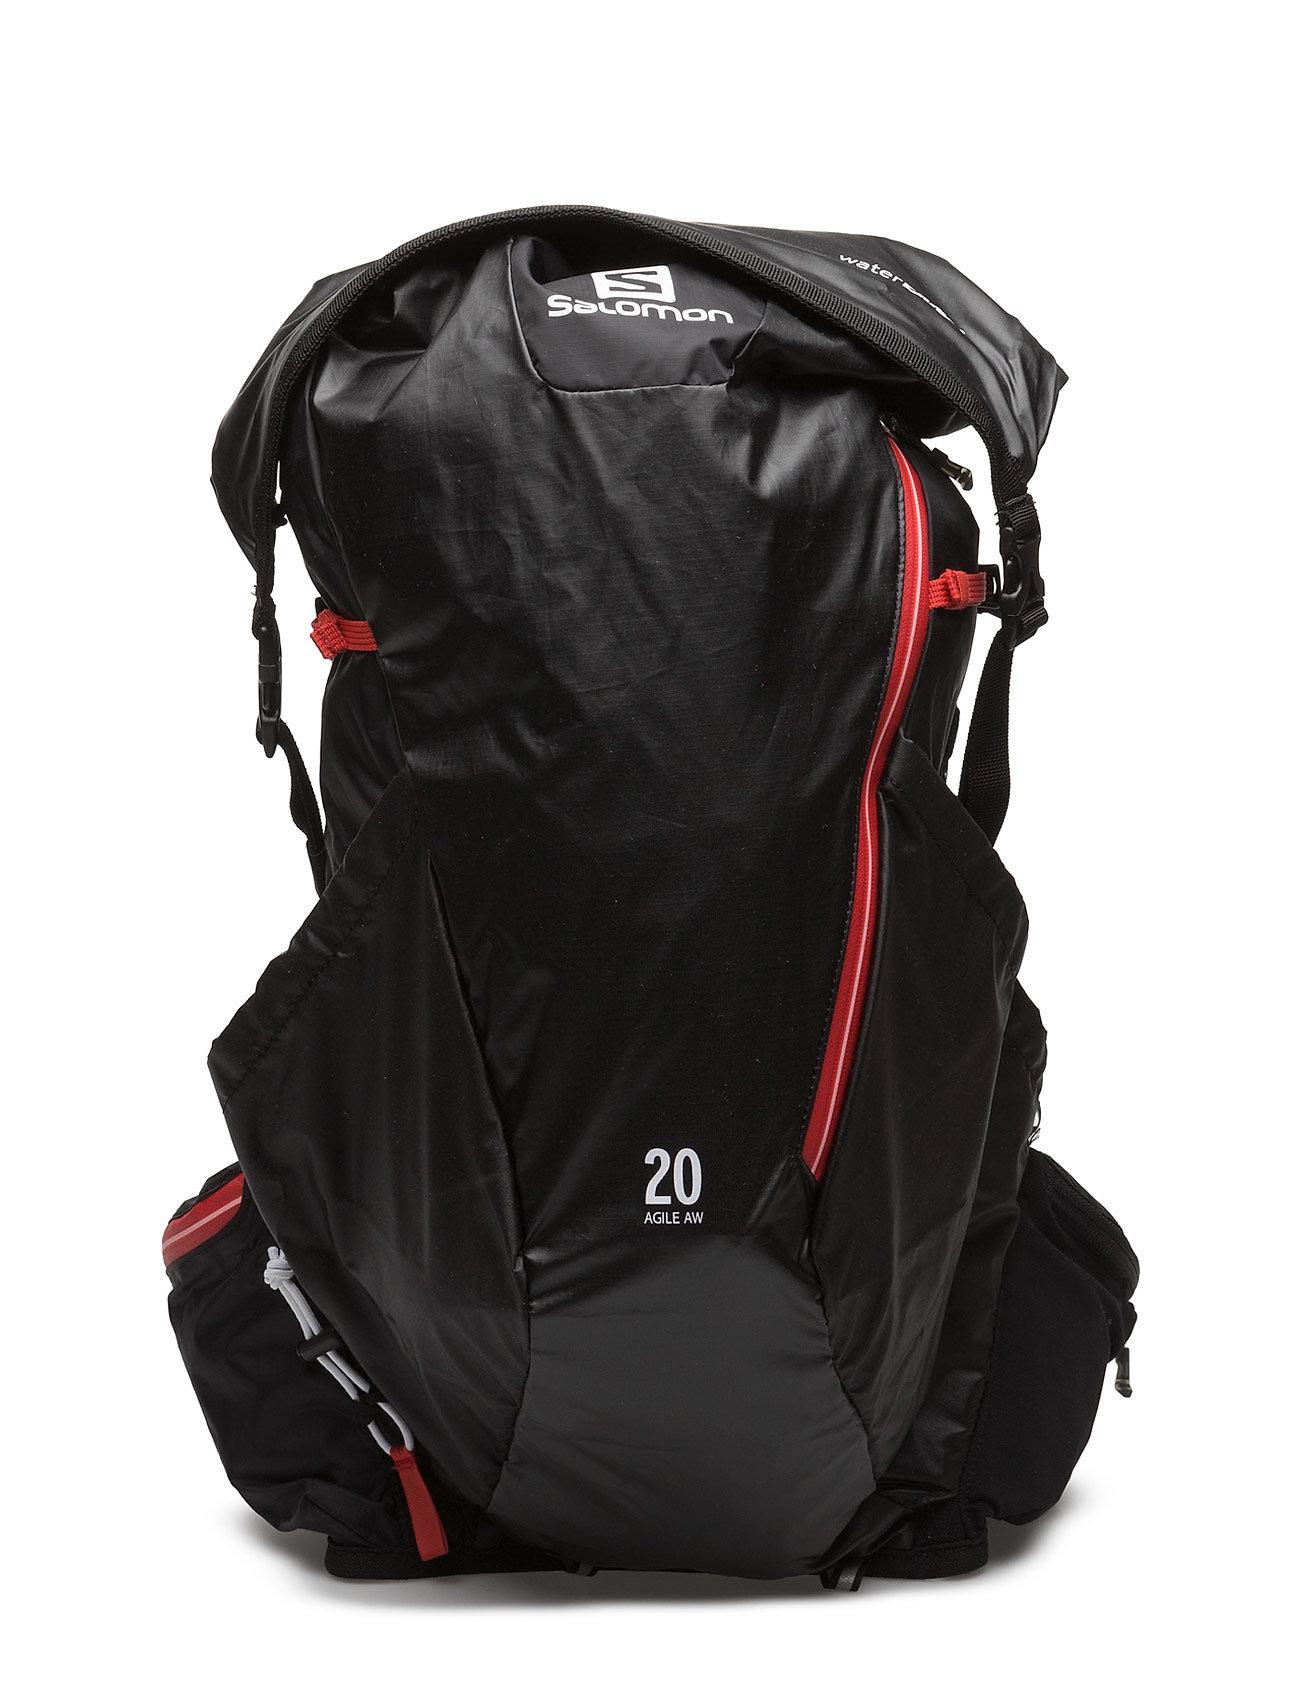 Agile 20 Aw Salomon Sportstasker til Herrer i